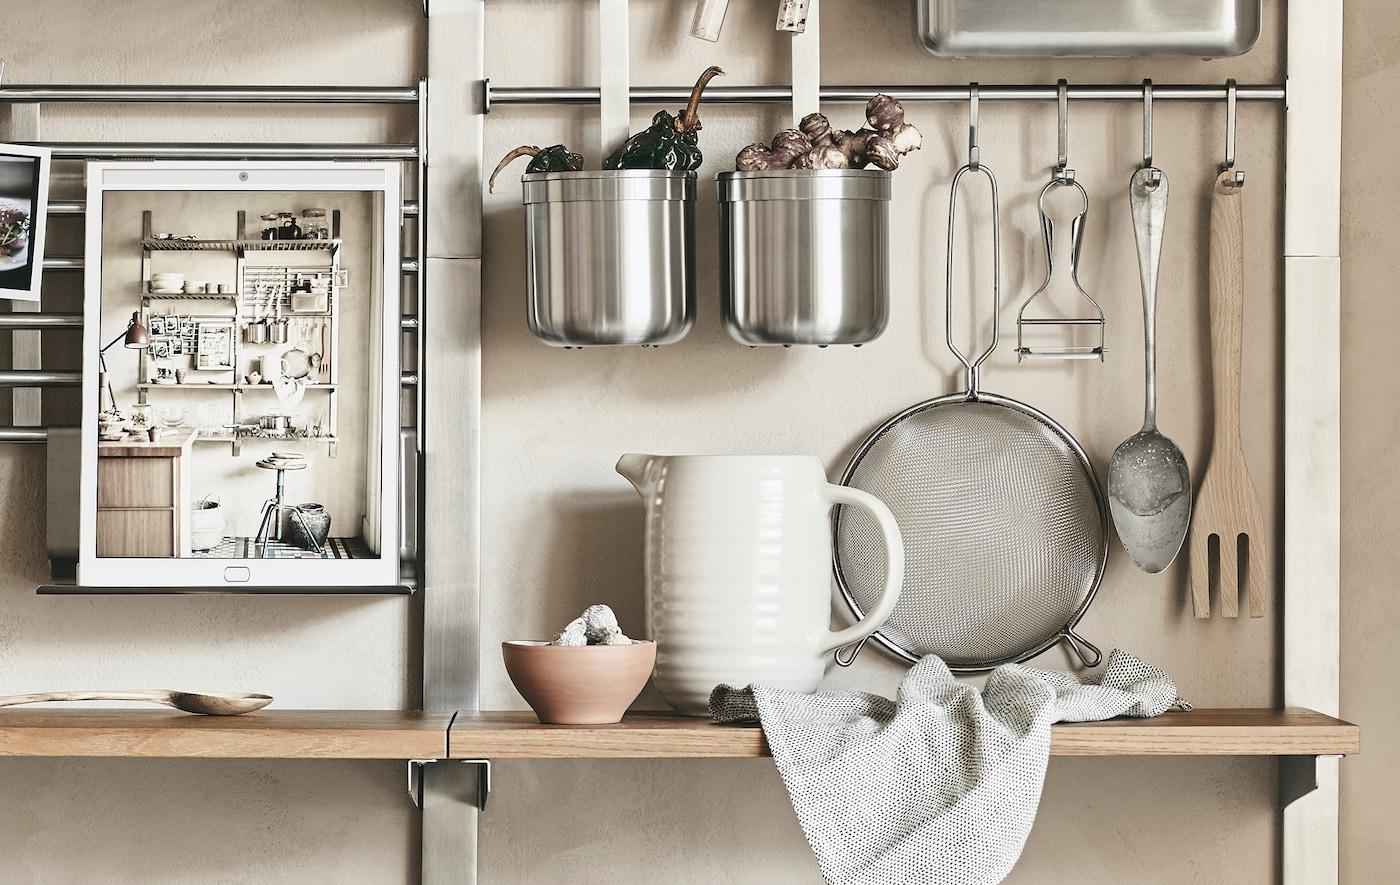 金属挂杆和木质搁板上有厨房用品。